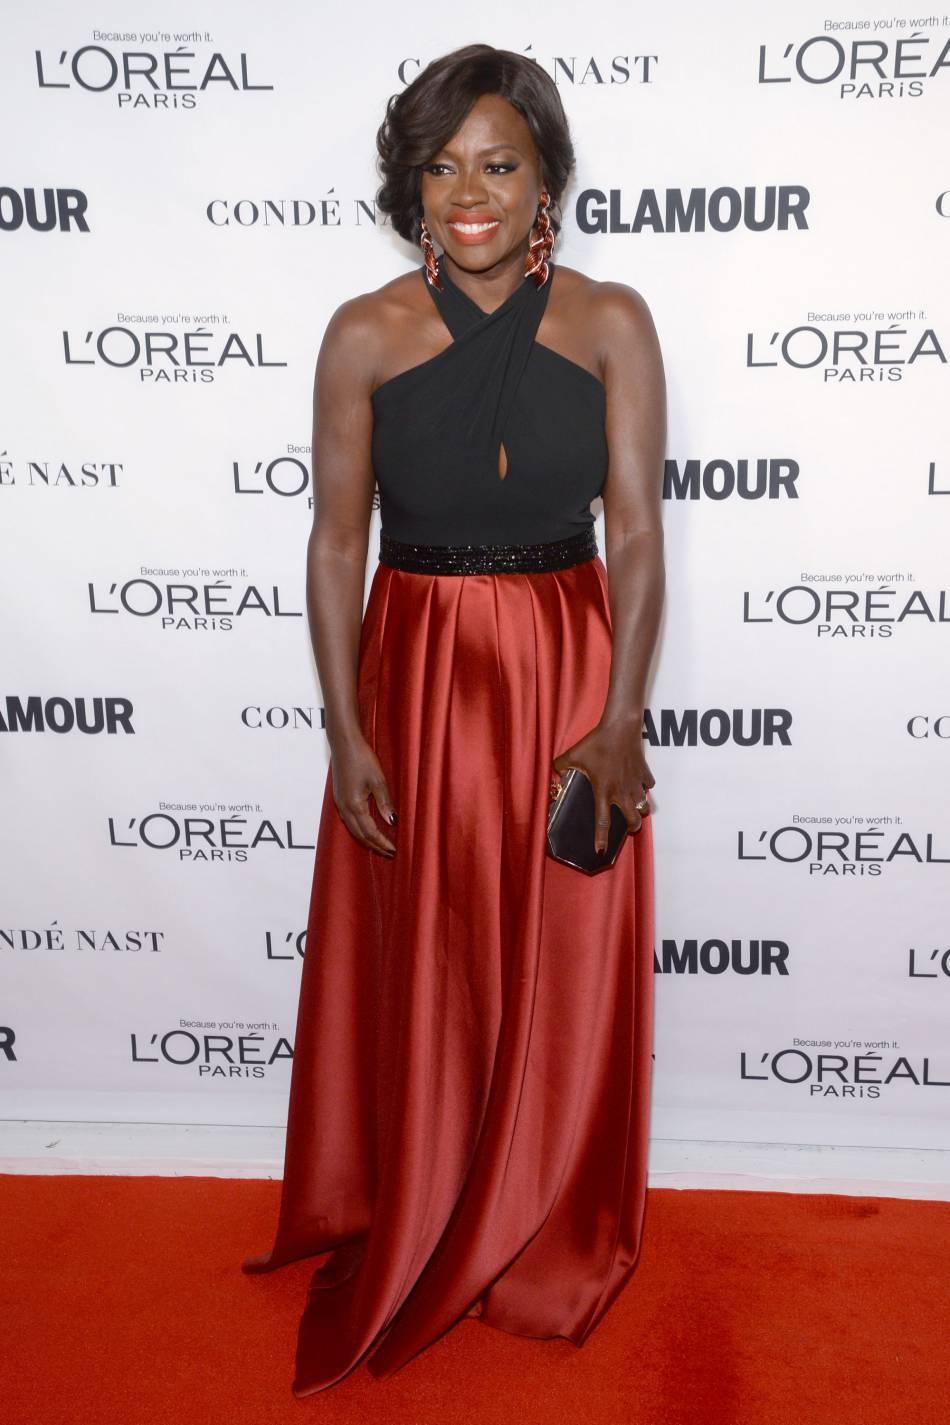 Viola Davis aux Glamour Awards le 9 novembre 2015 à New York.